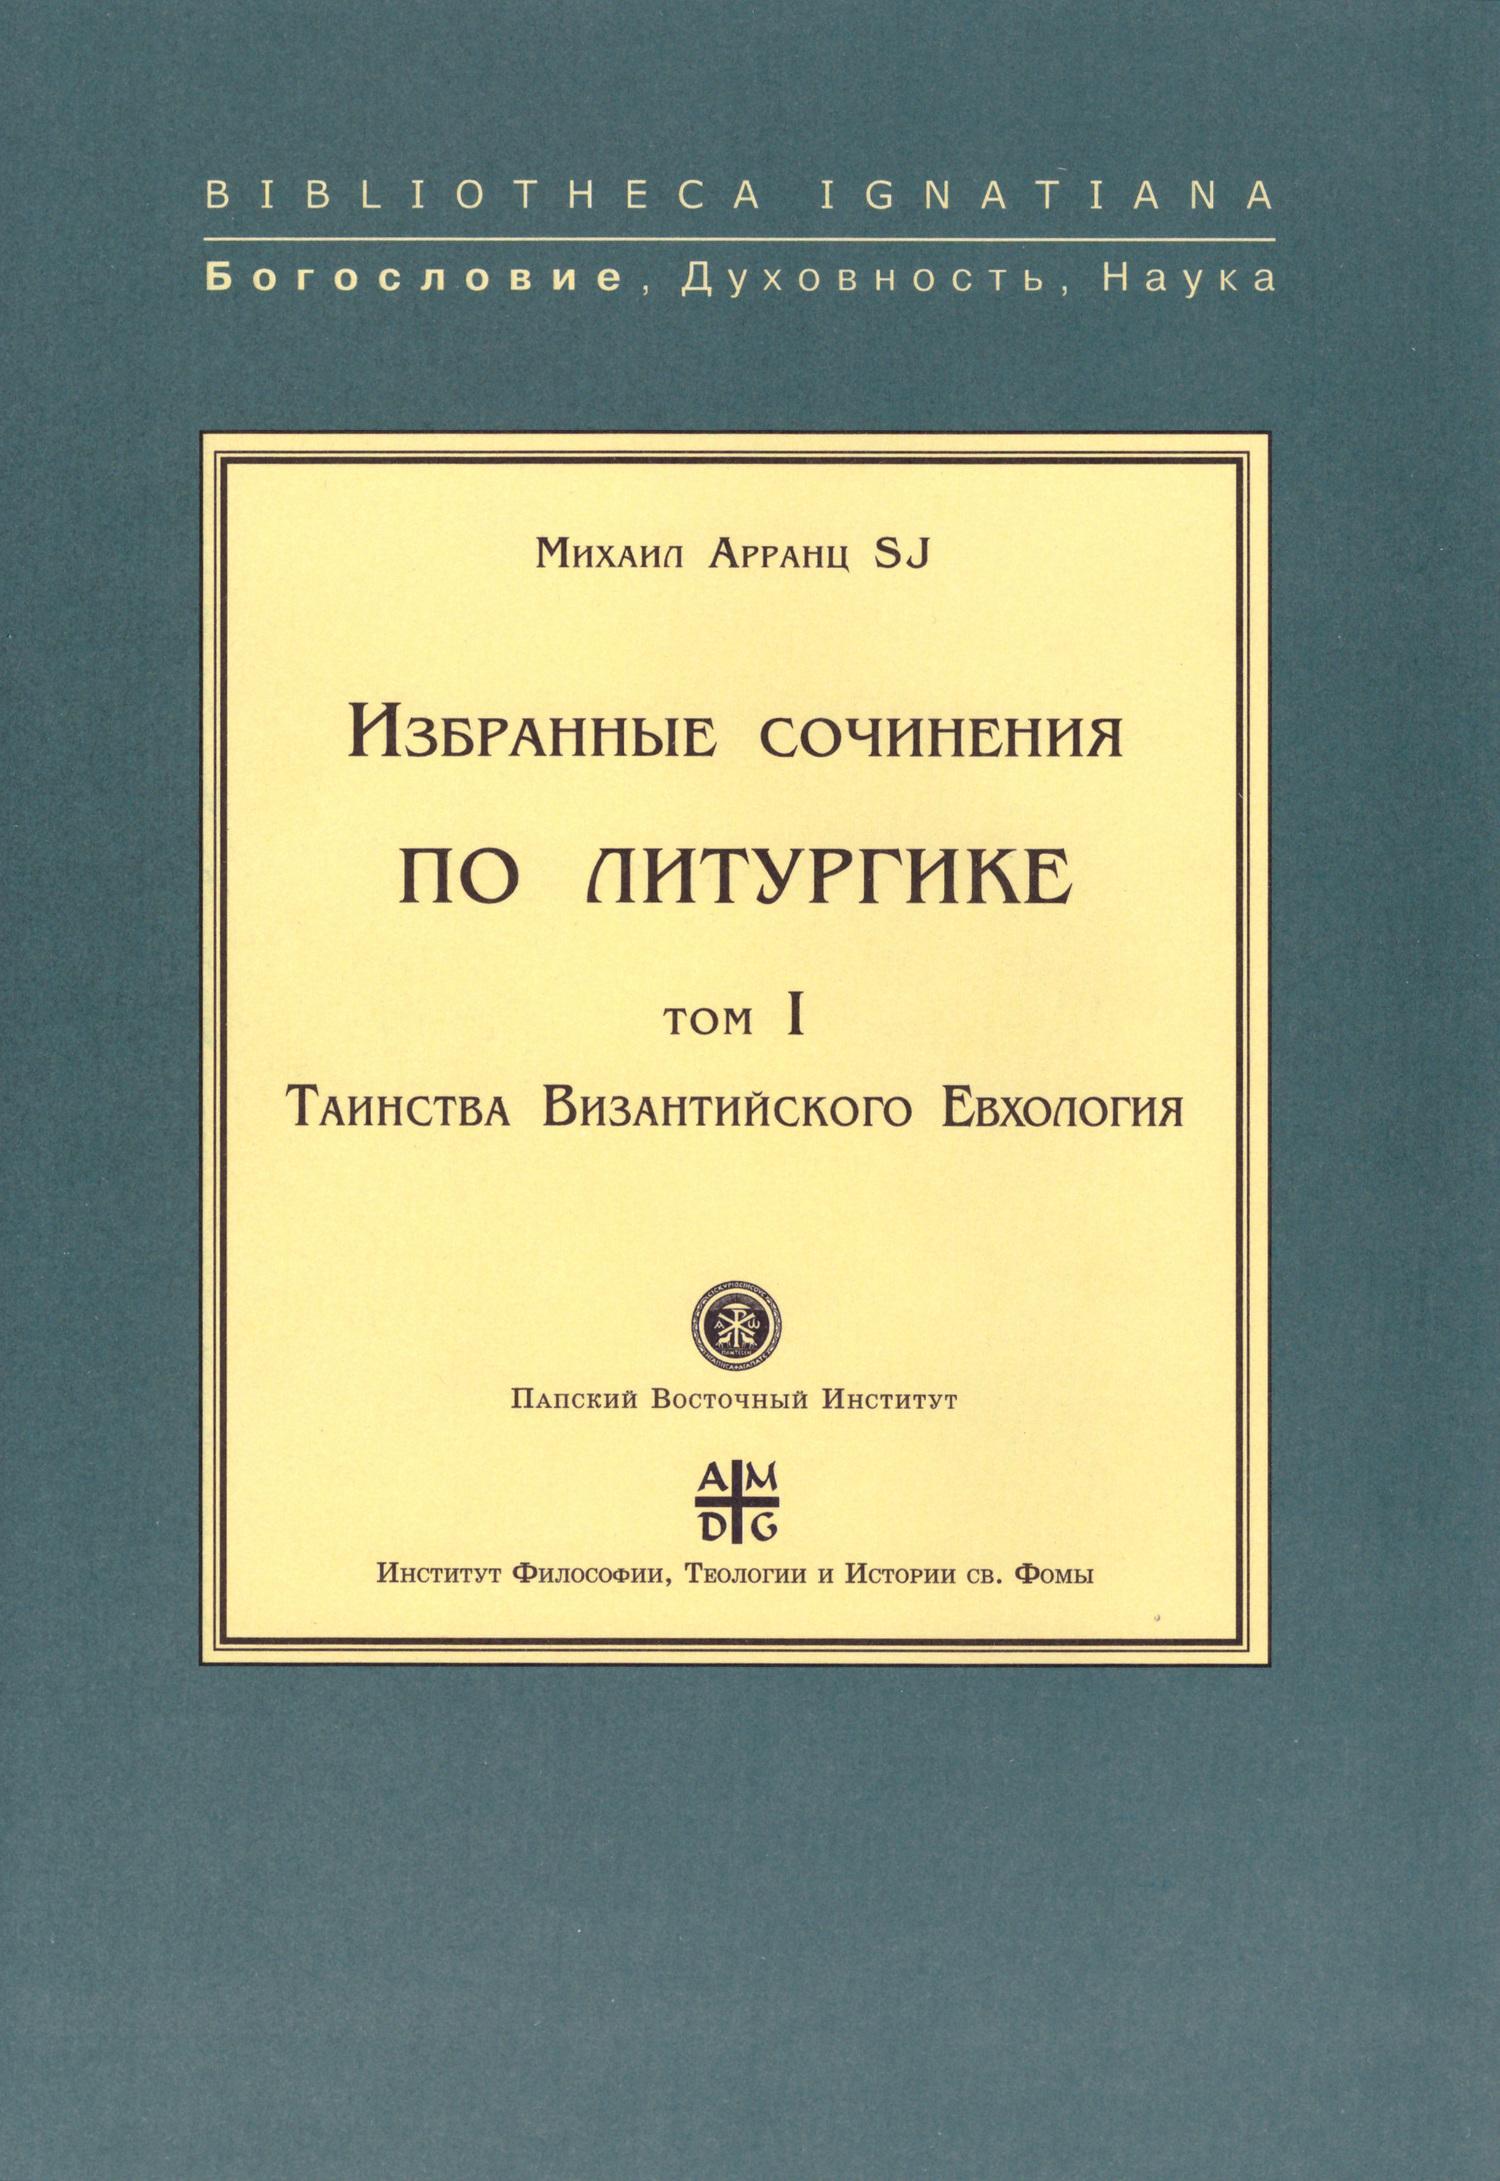 Михаил Арранц, SJ Избранные сочинения по литургике. Том I. Таинства Византийского Евхология